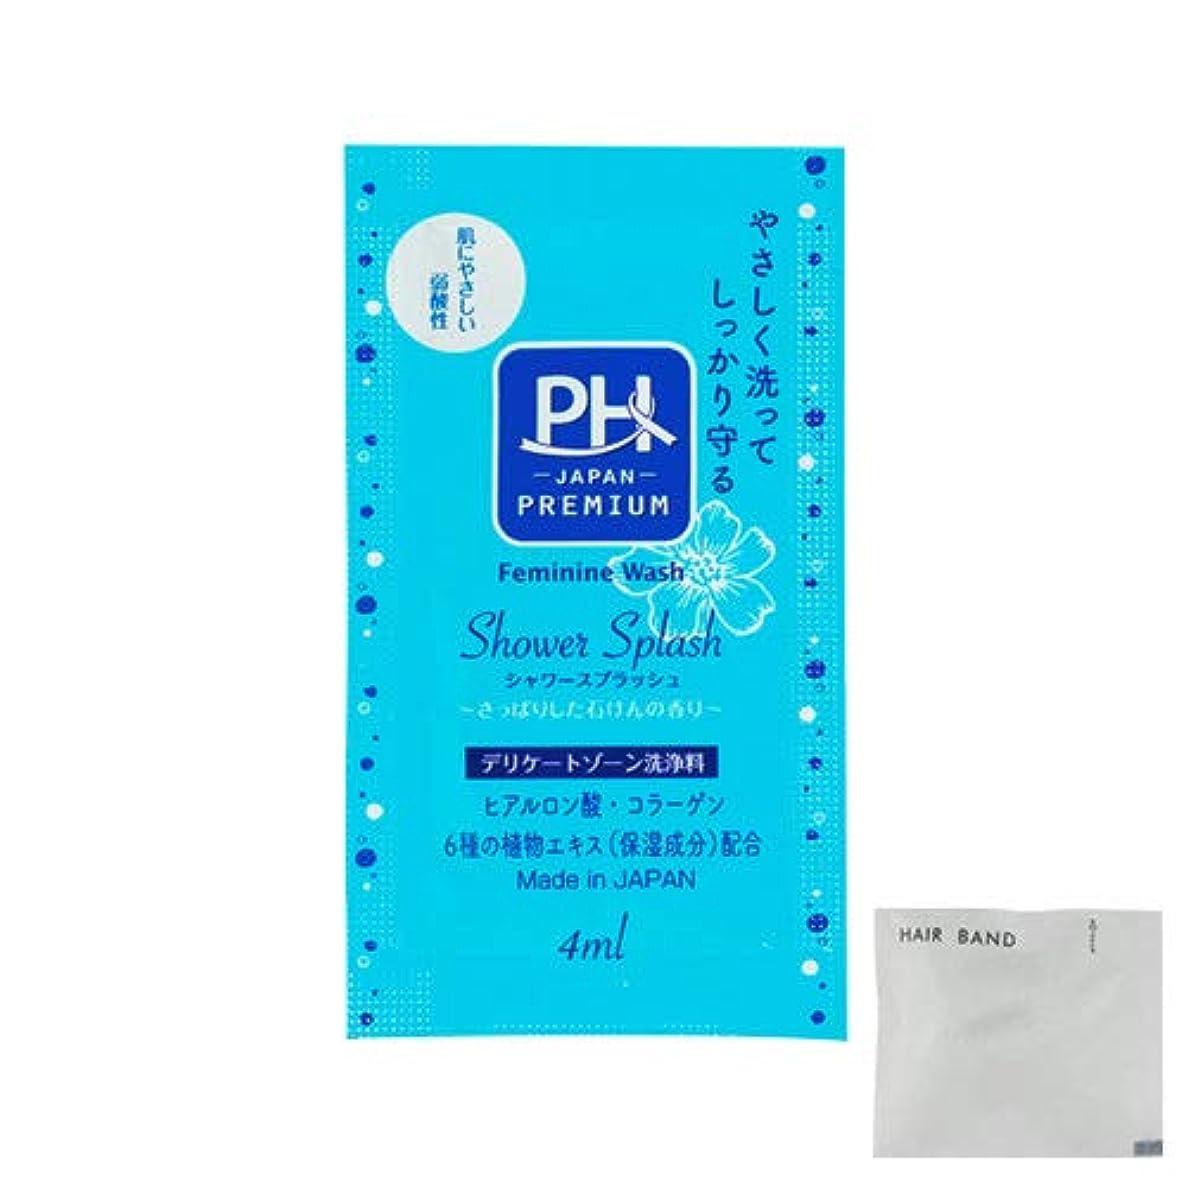 フルーティー割合破裂PH JAPAN プレミアム フェミニンウォッシュ シャワースプラッシュ 4mL(お試し用)×20個 + ヘアゴム(カラーはおまかせ)セット